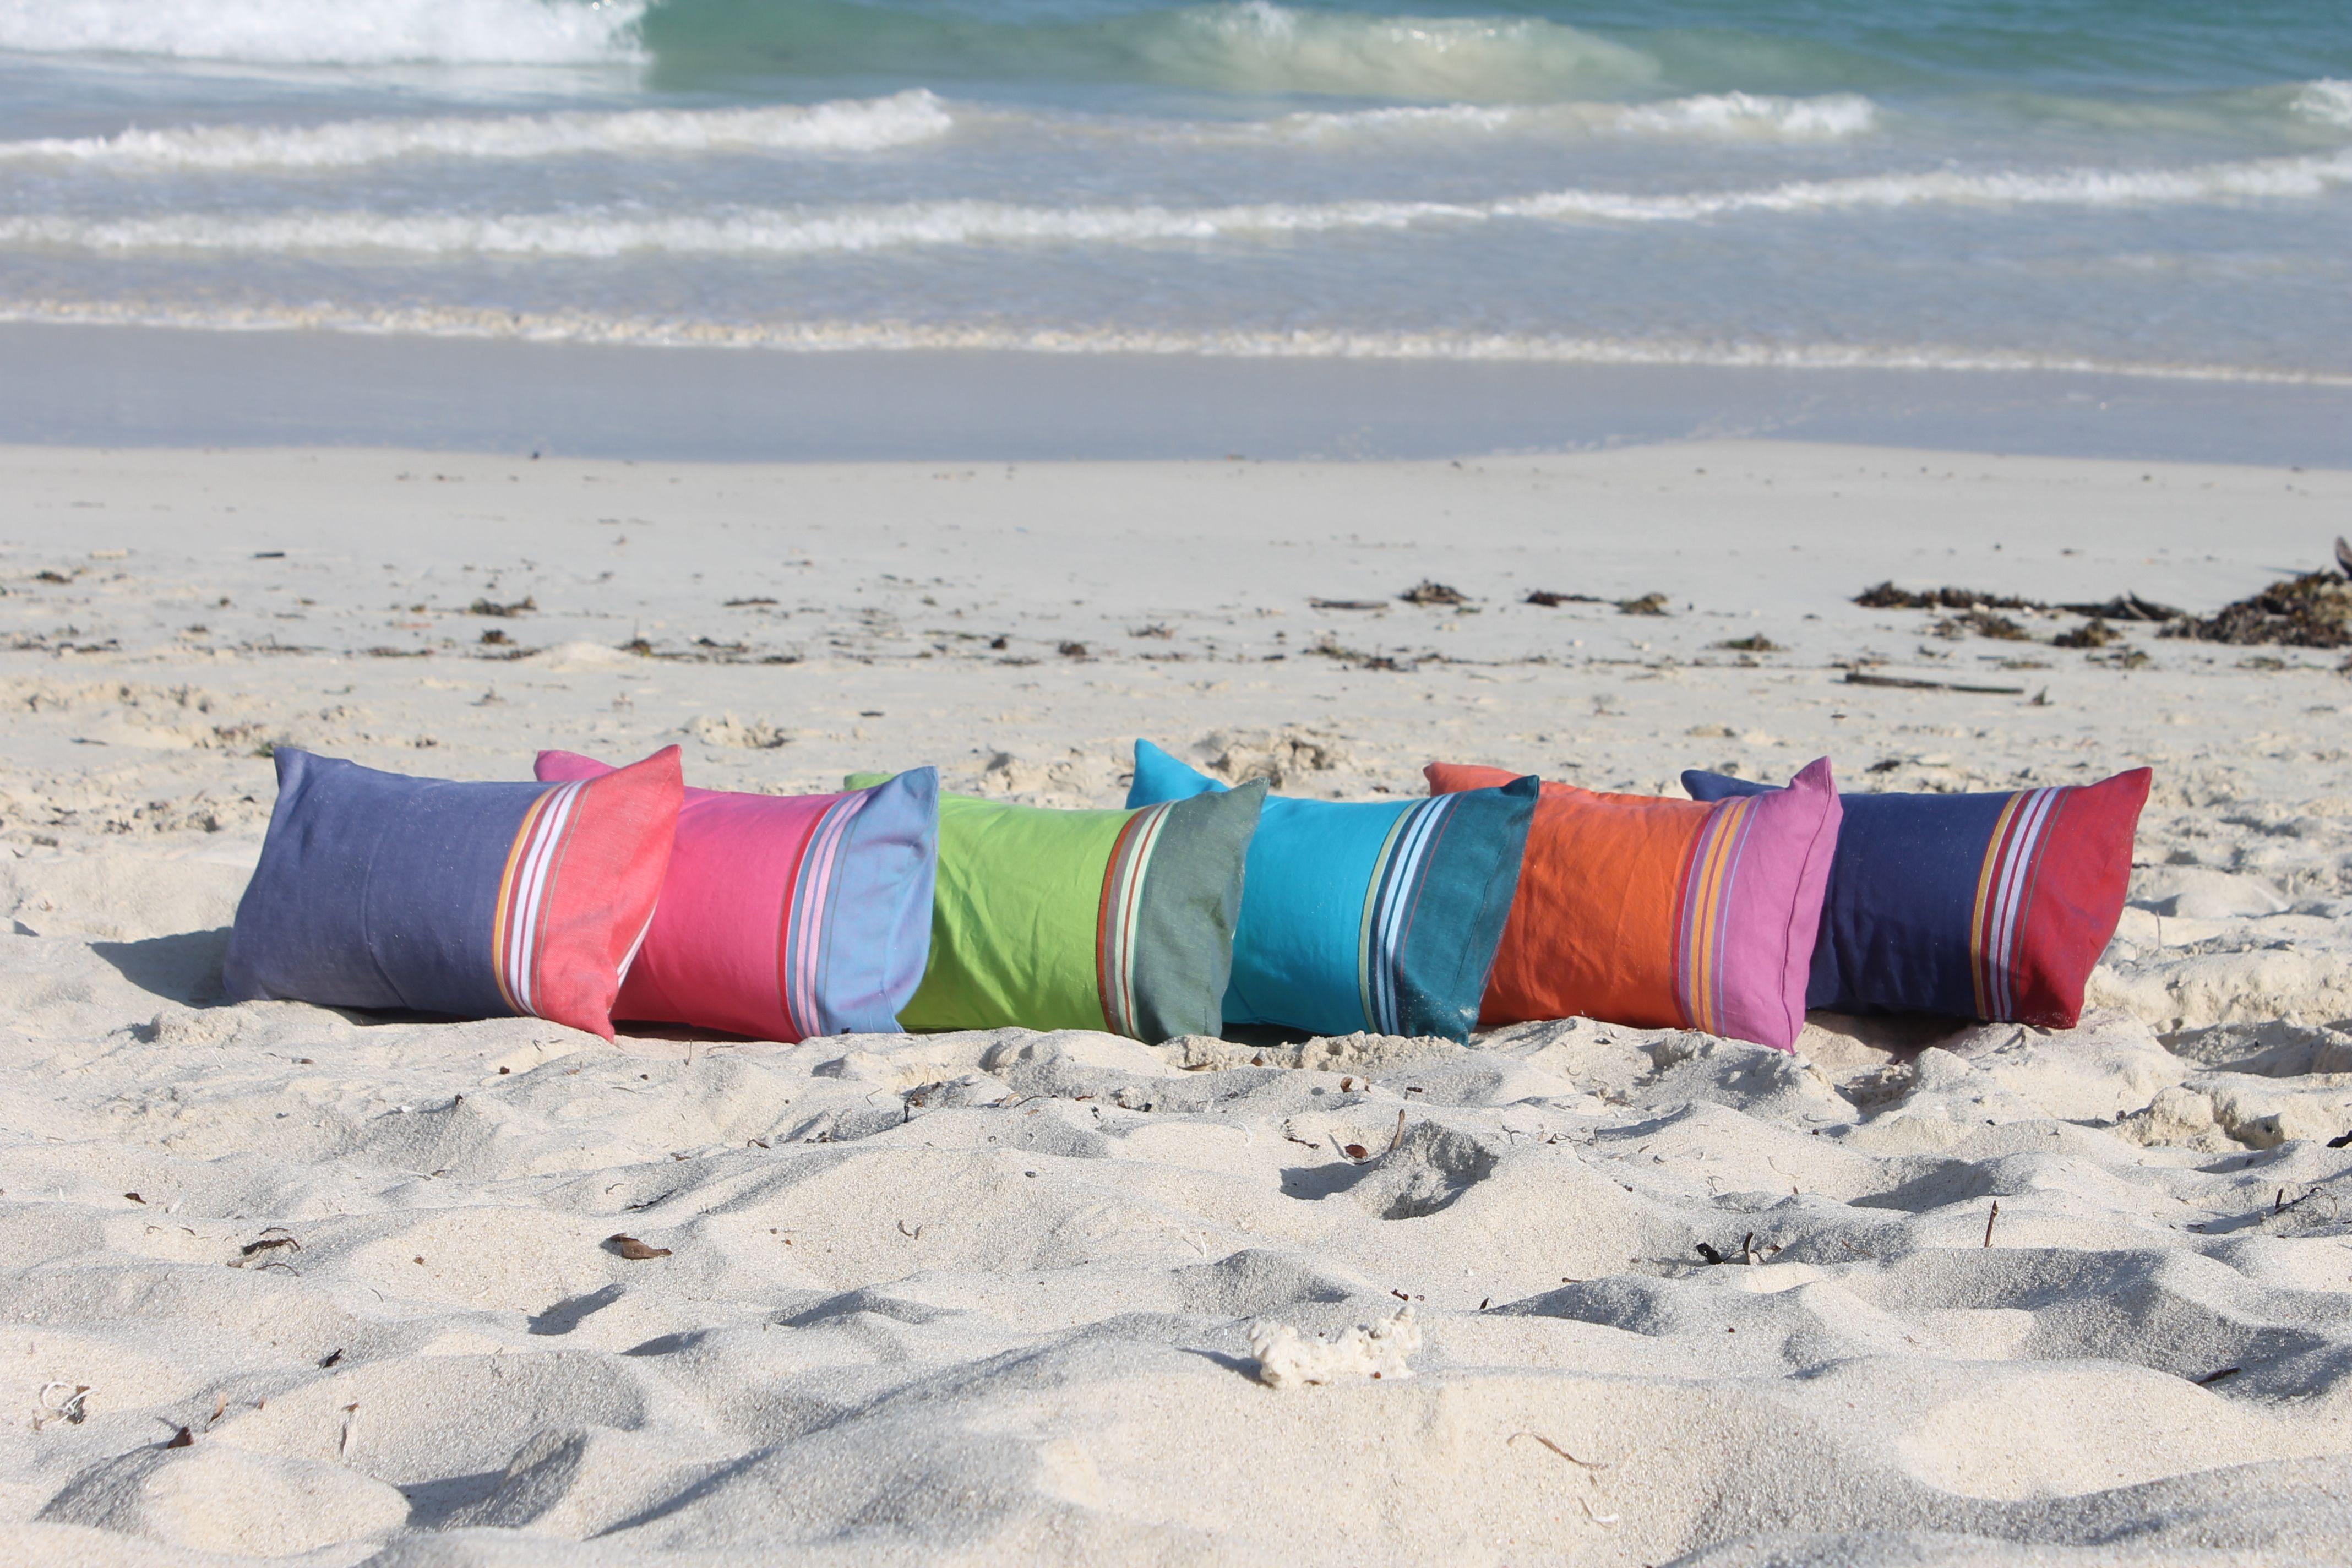 le coussin de plage simone et georges disponible en plusieurs